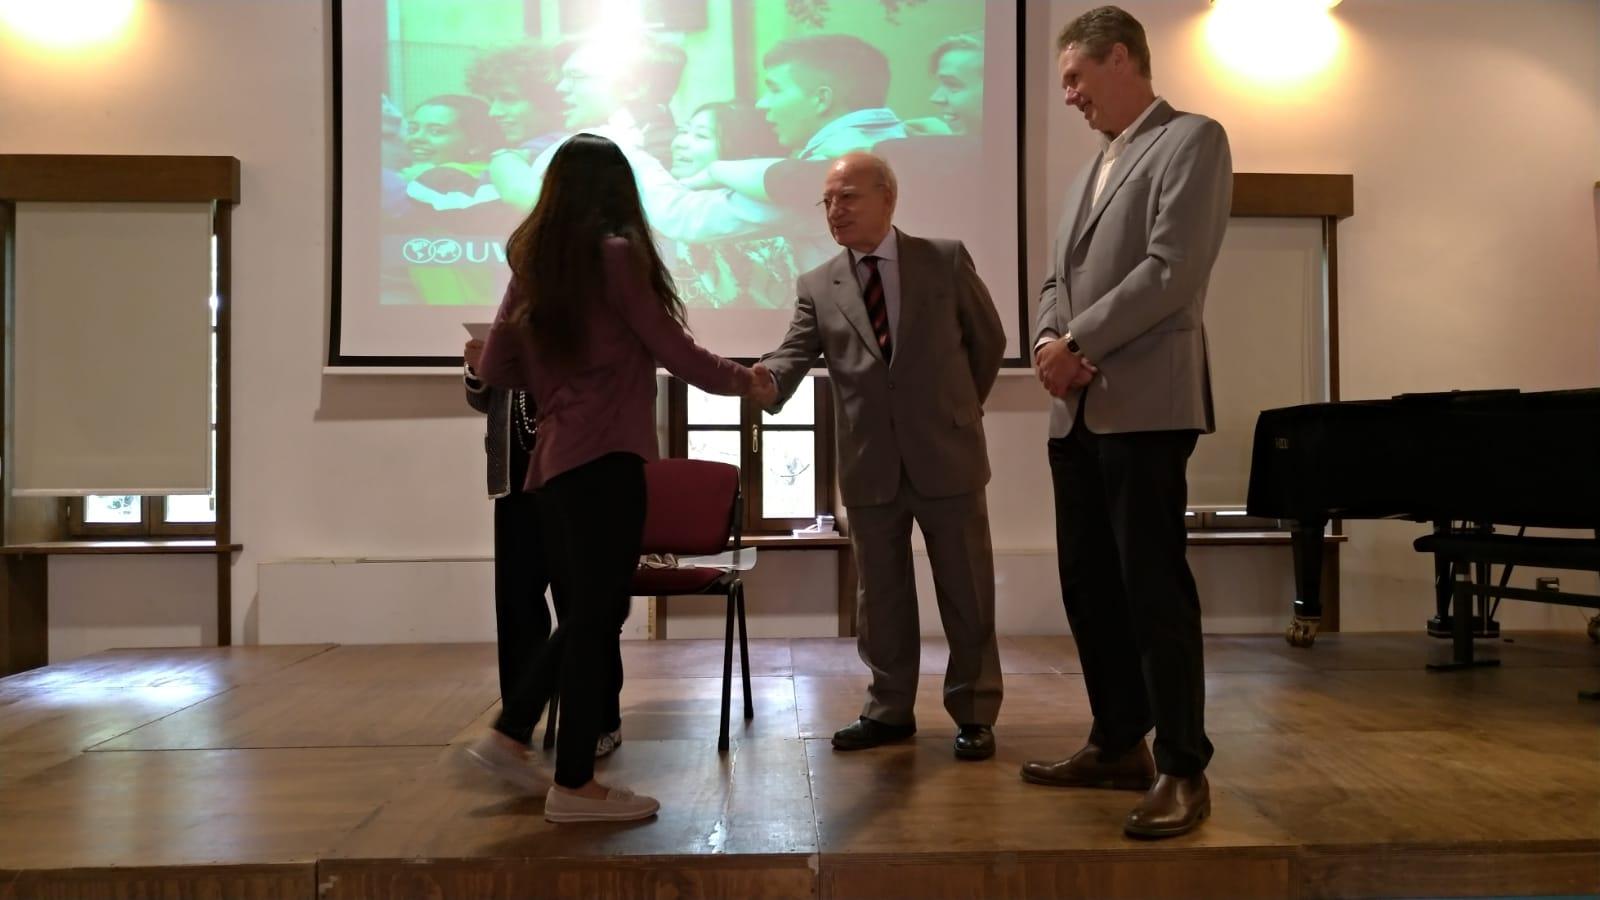 Dott. Pianciamore mentre premia una studentessa